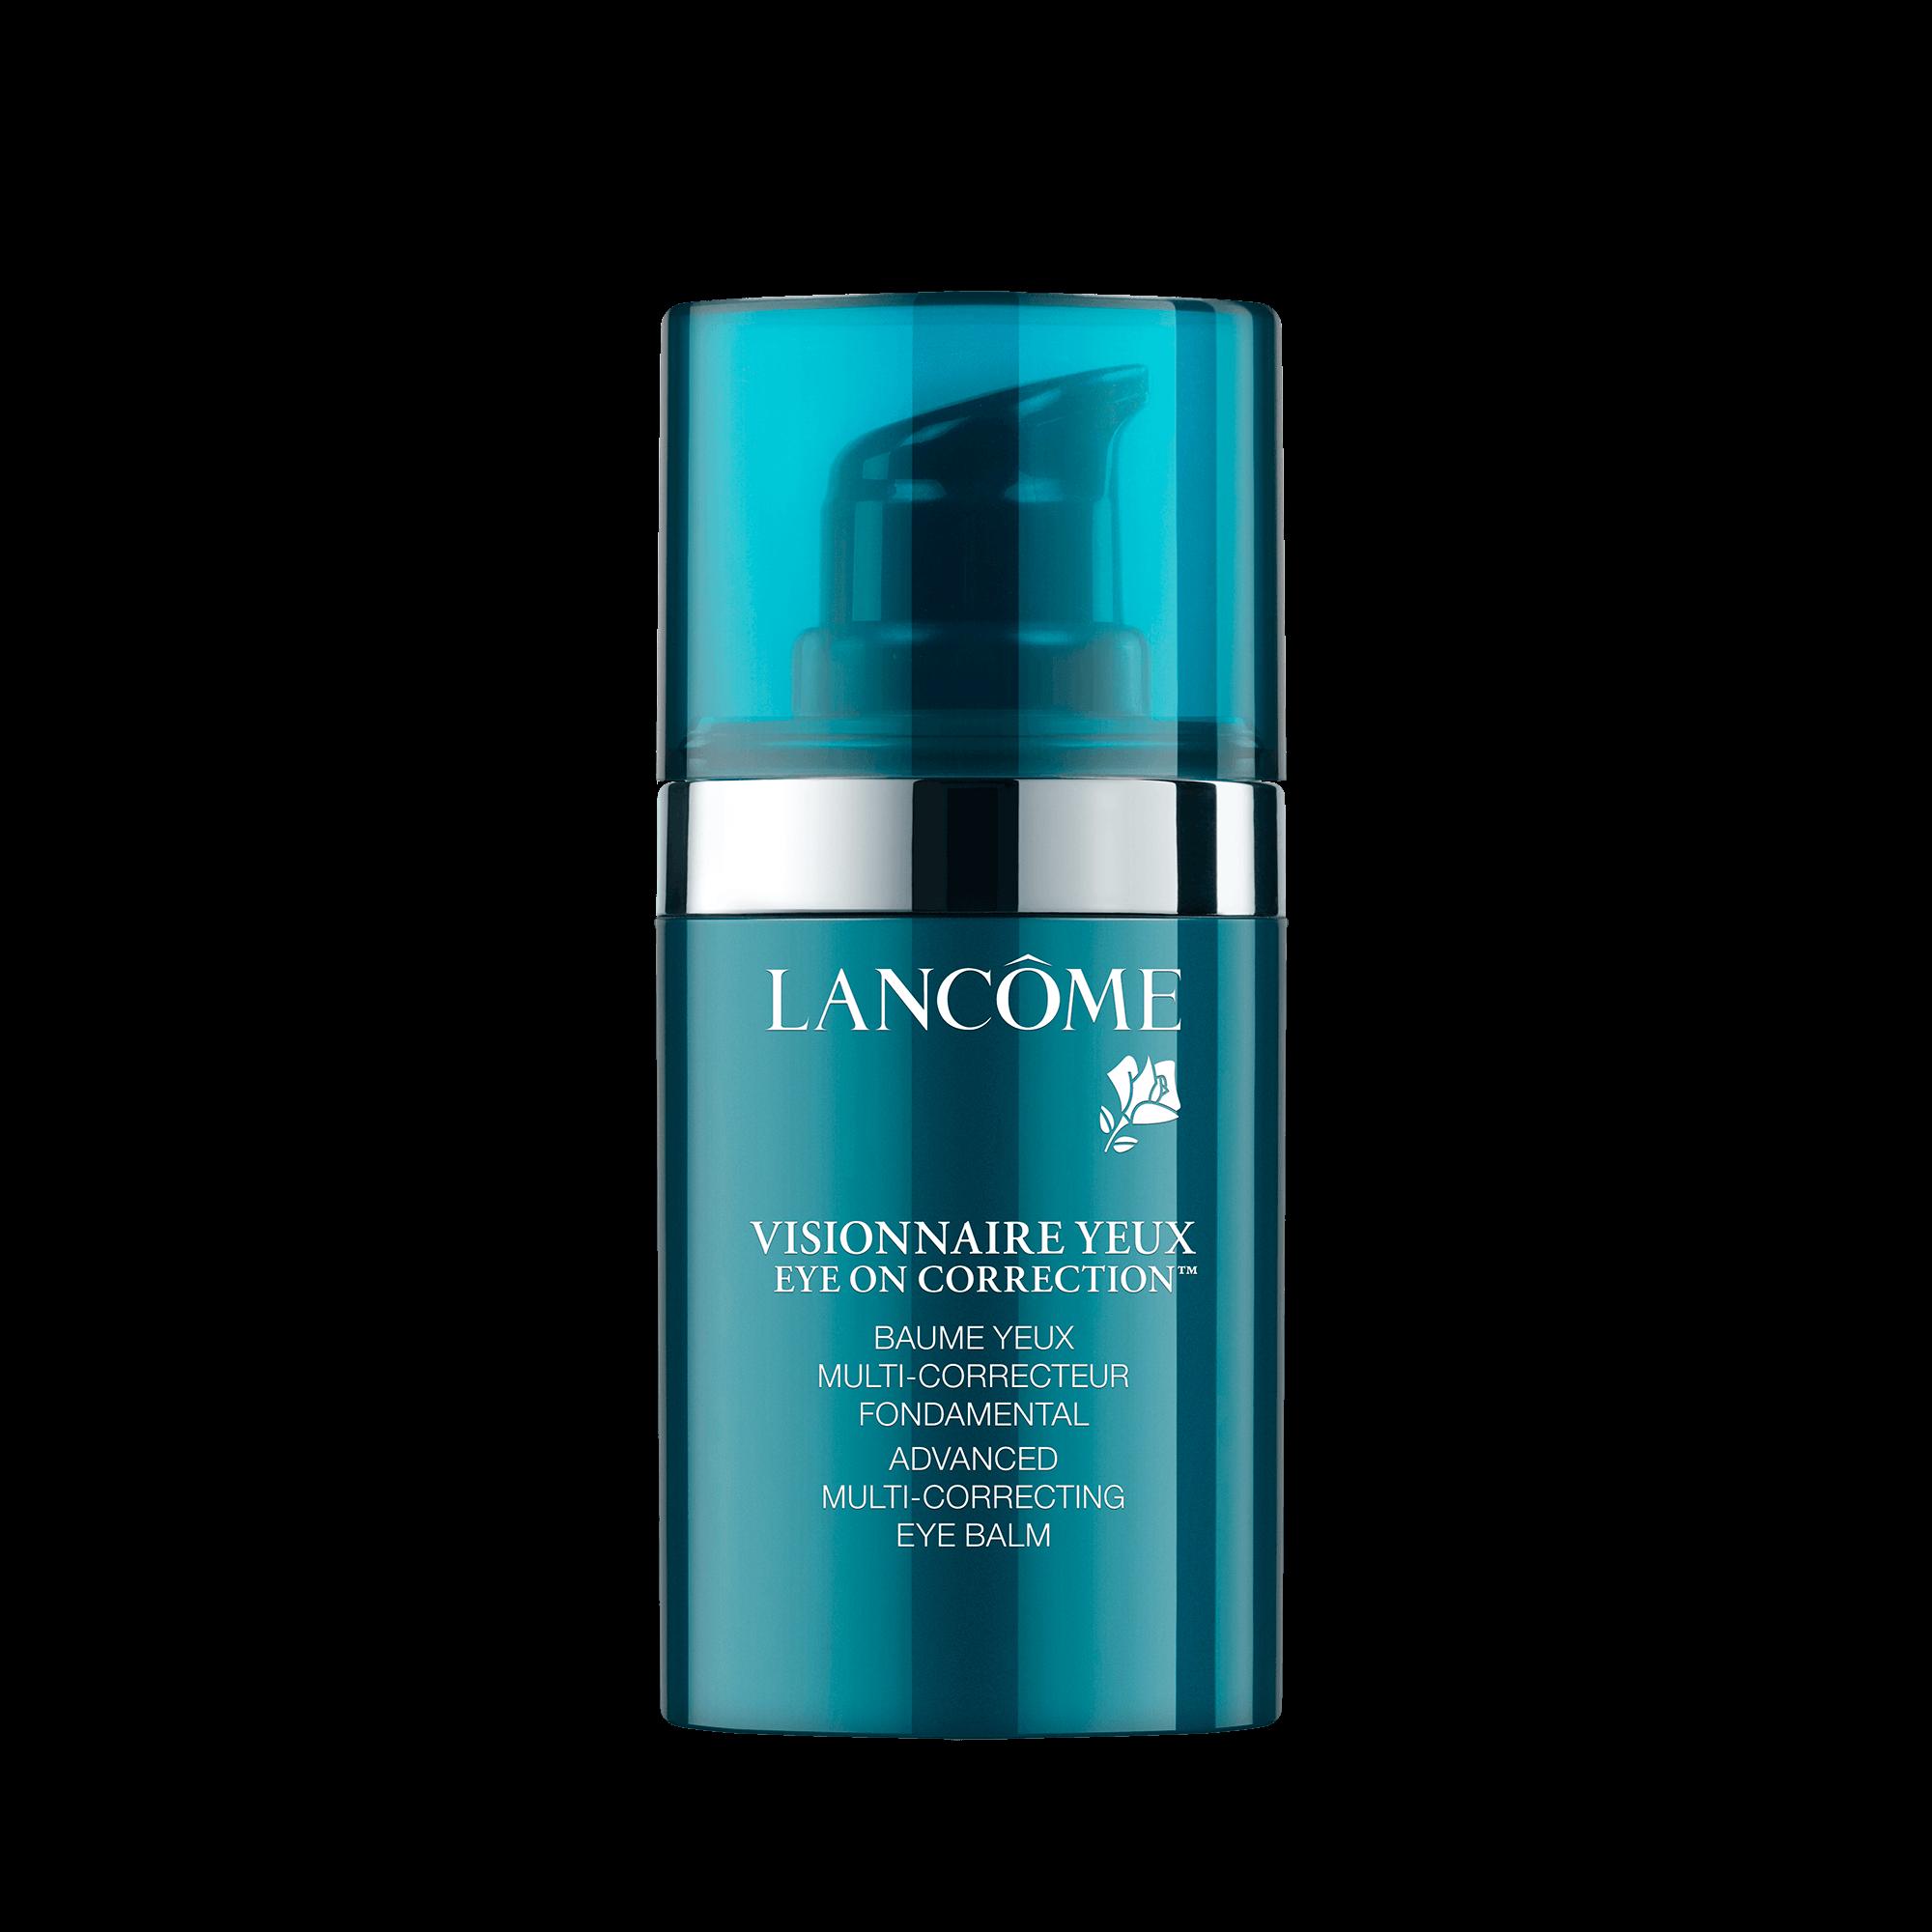 lancome-visionnaire-yeux